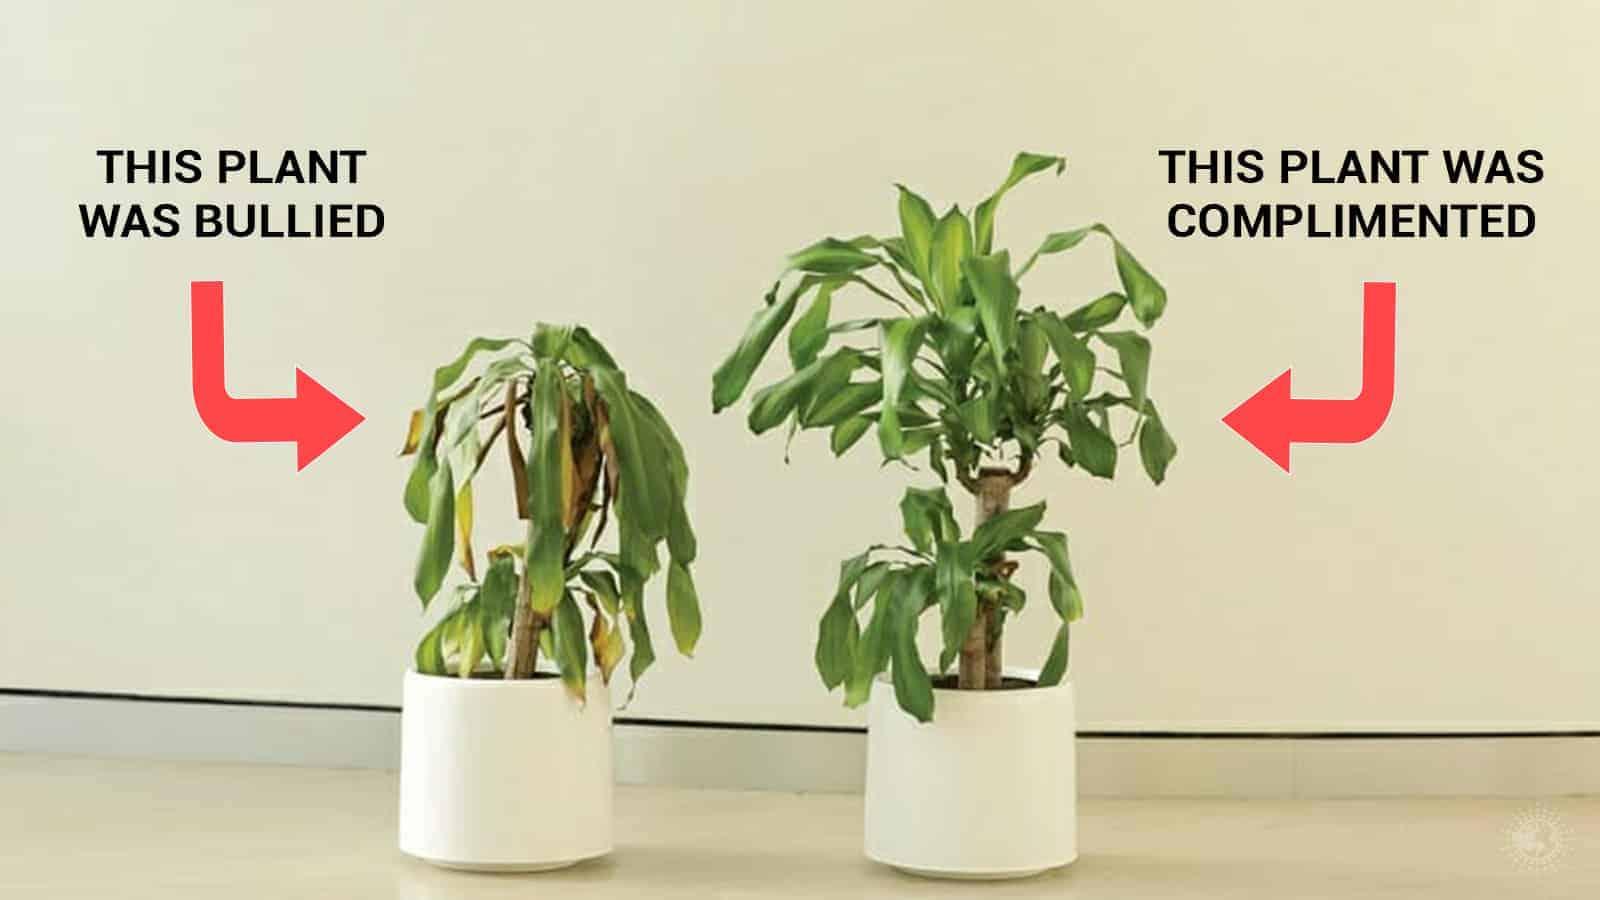 bully a plant